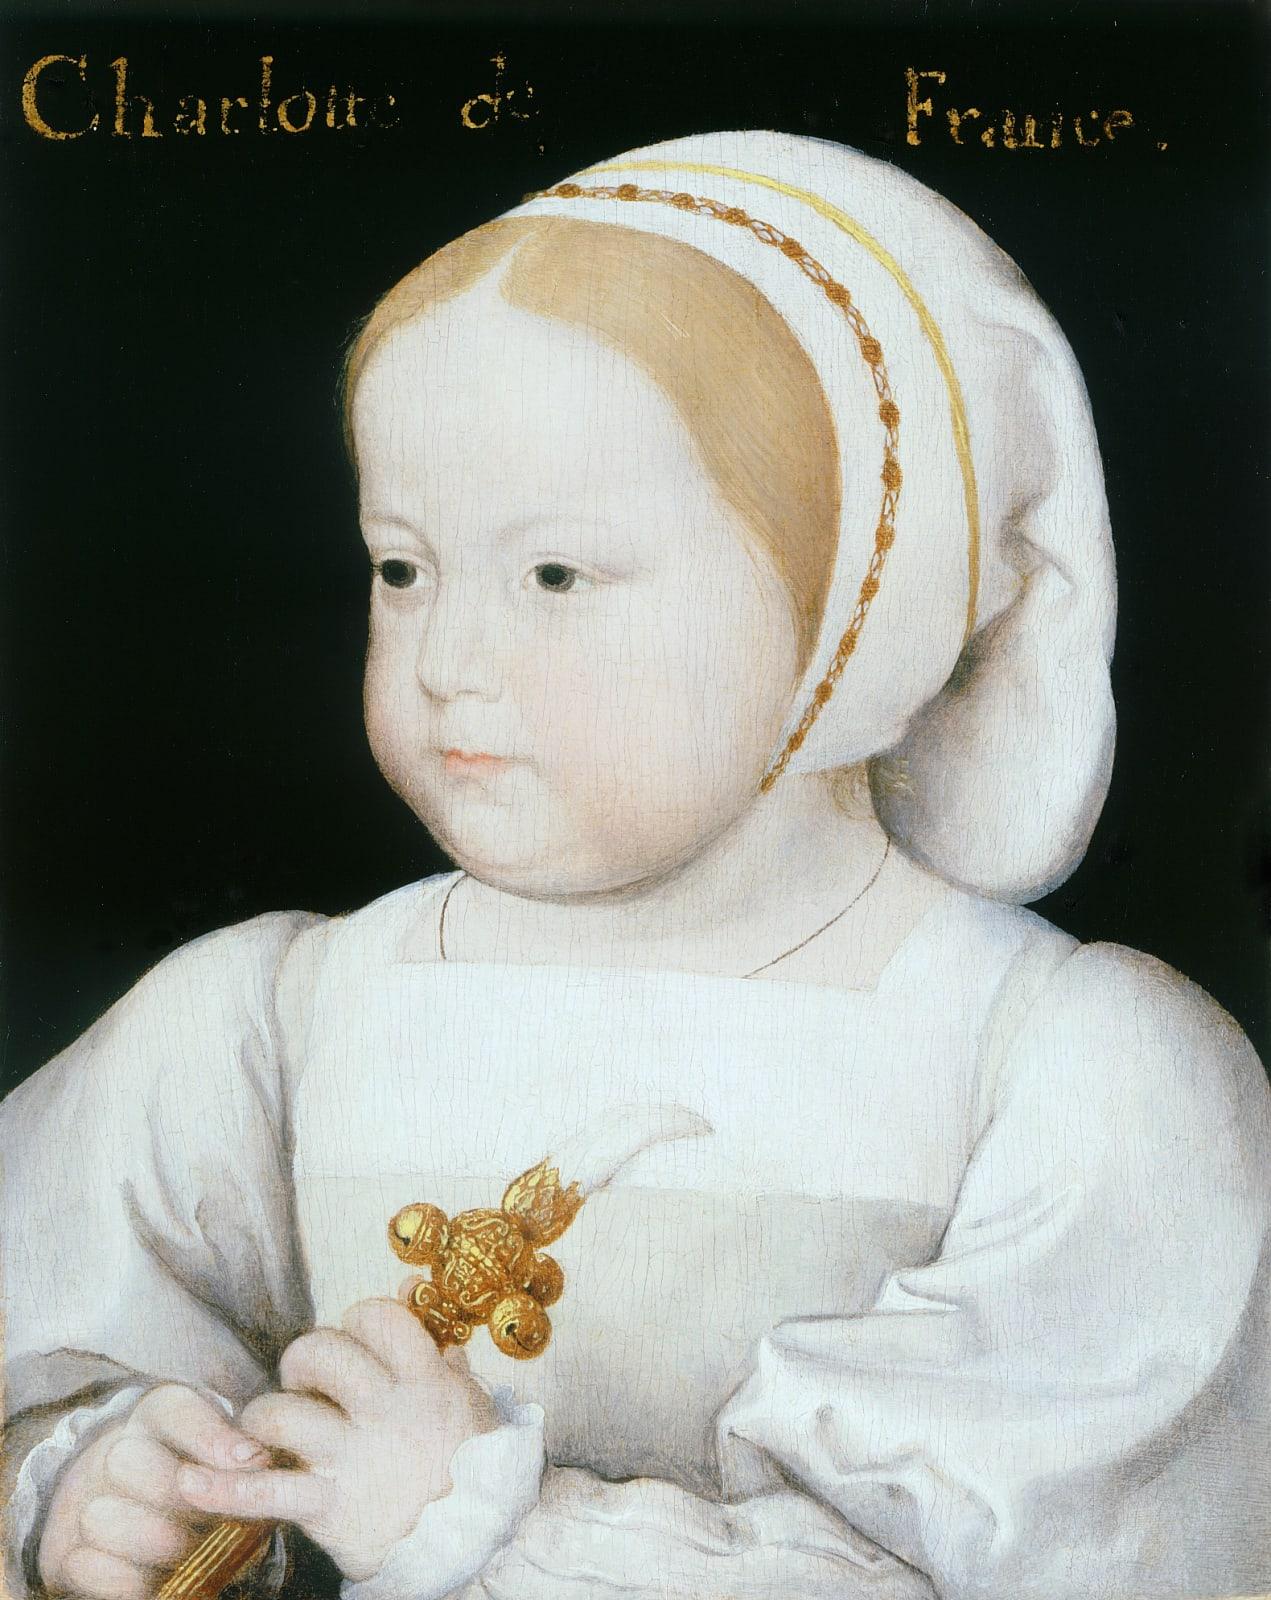 Madeleine, aged 2